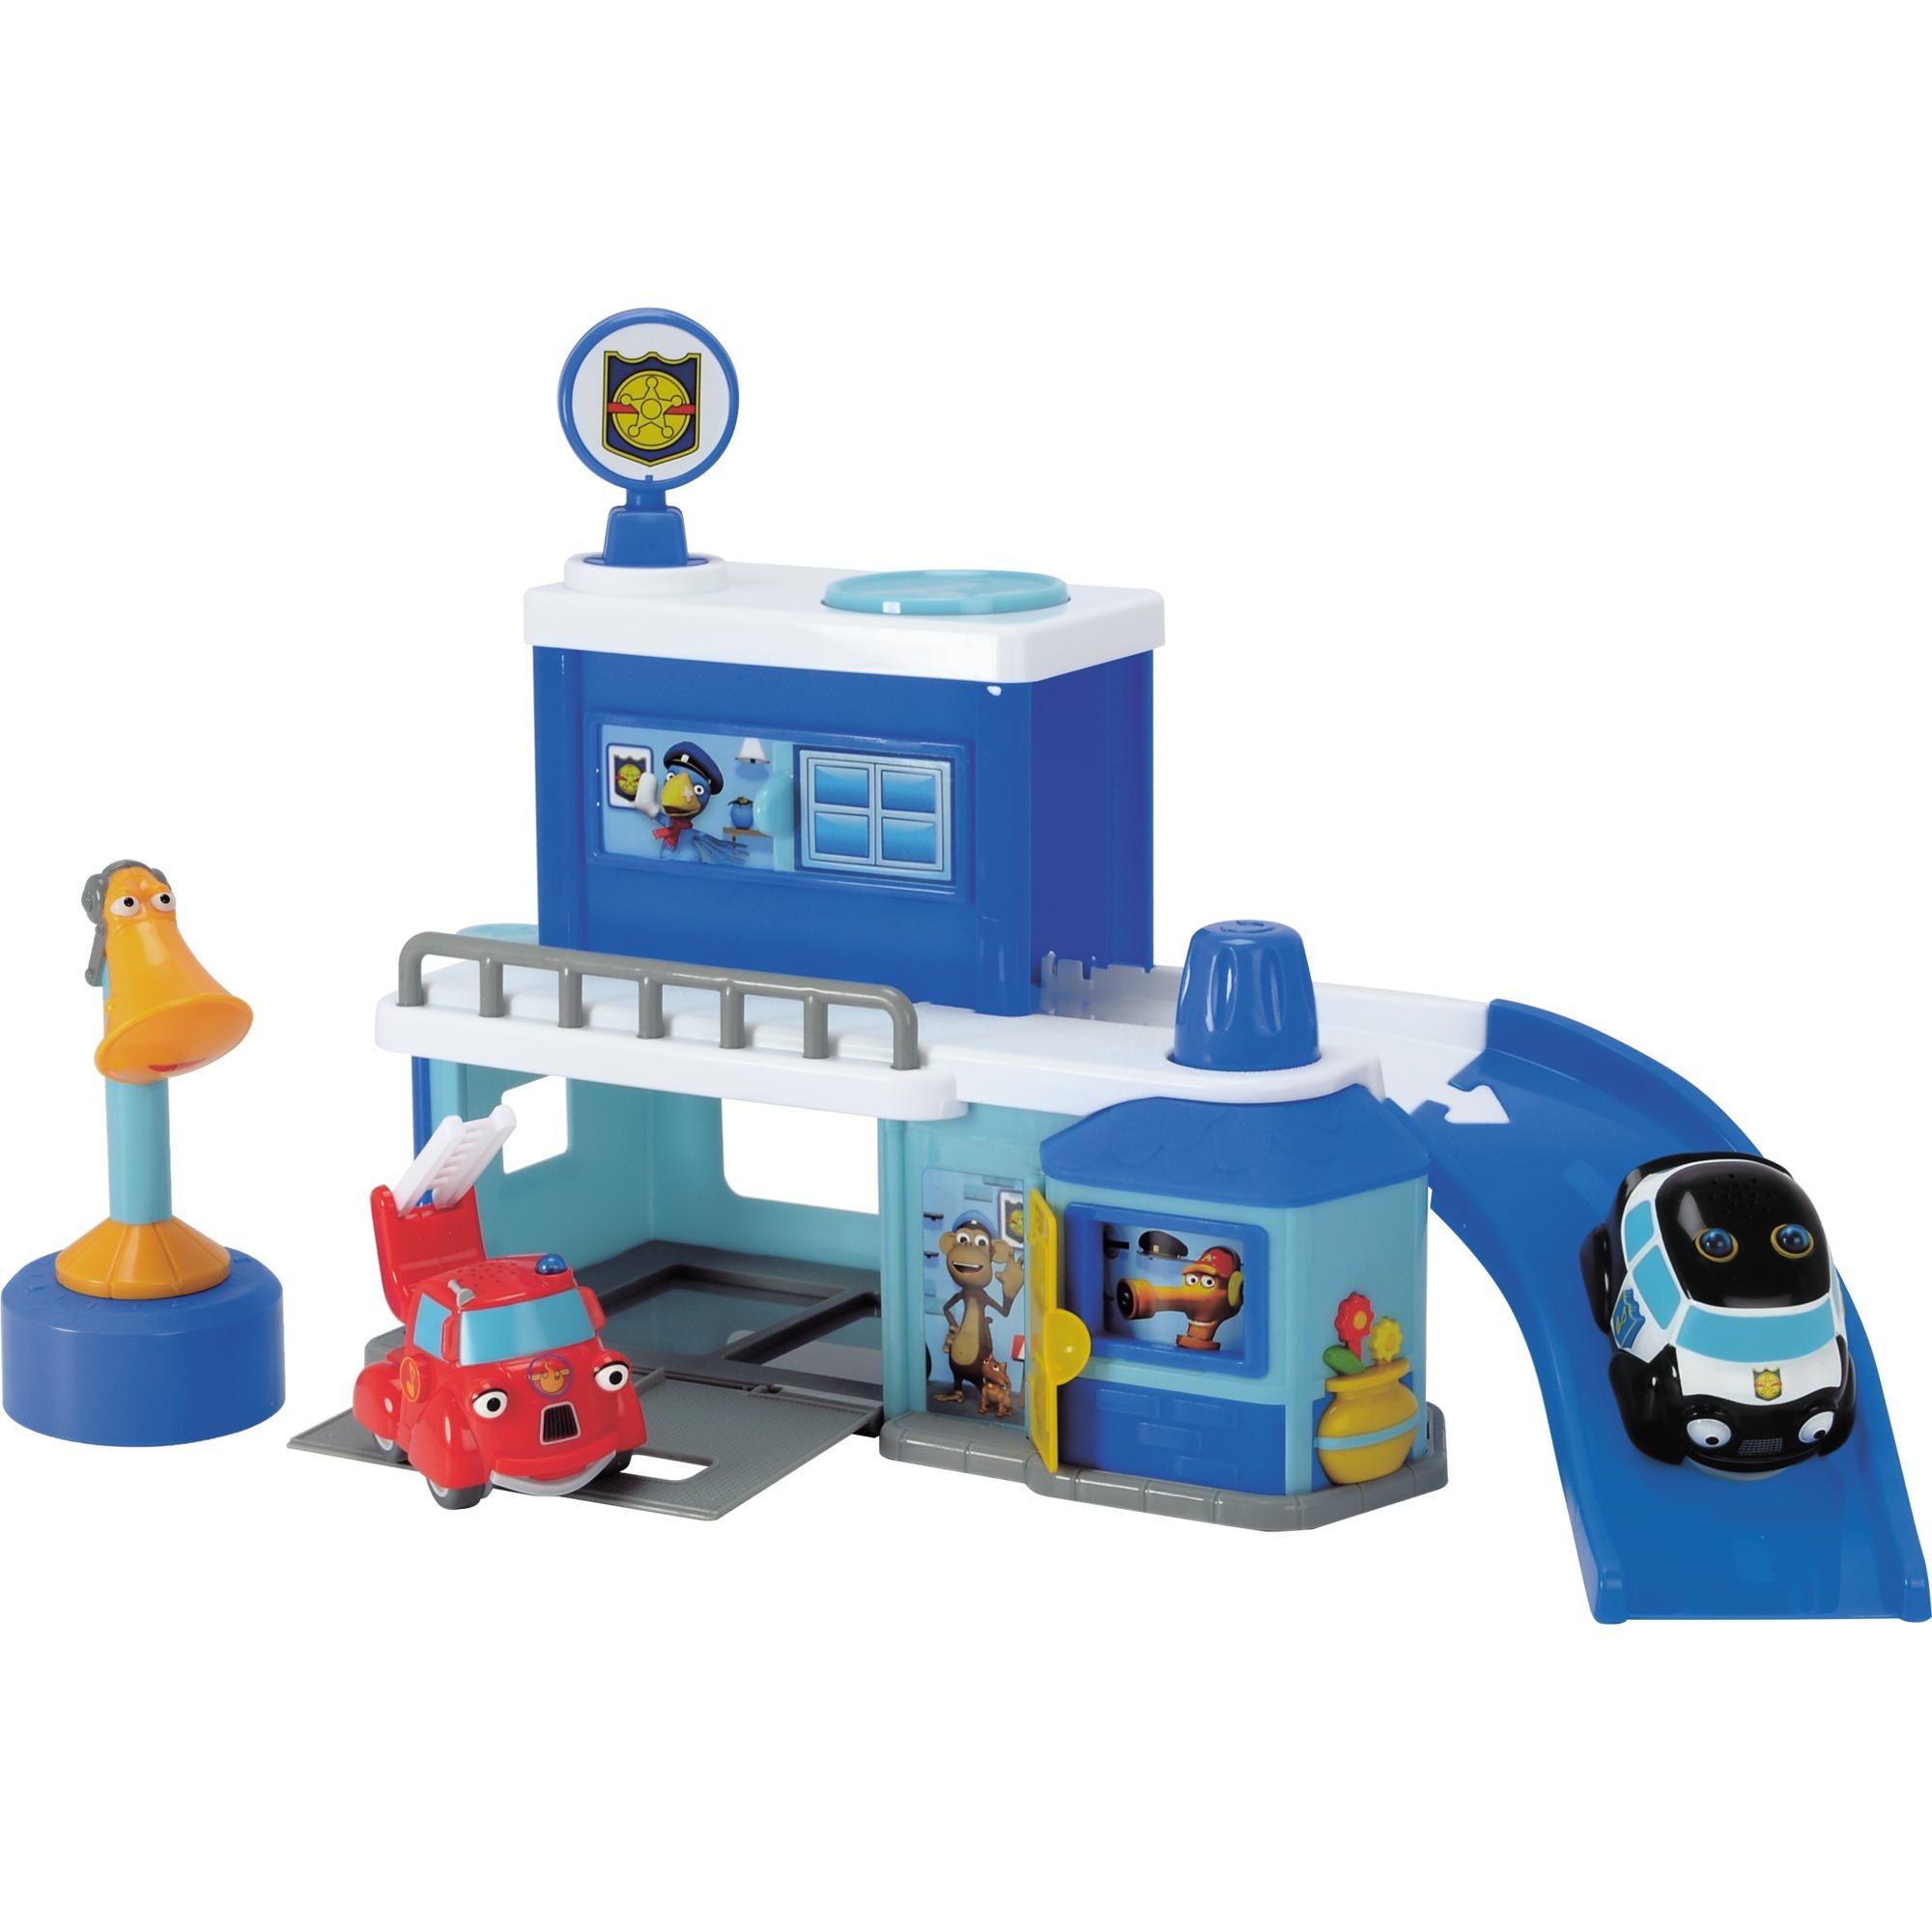 203126000, Vehículo de juguete